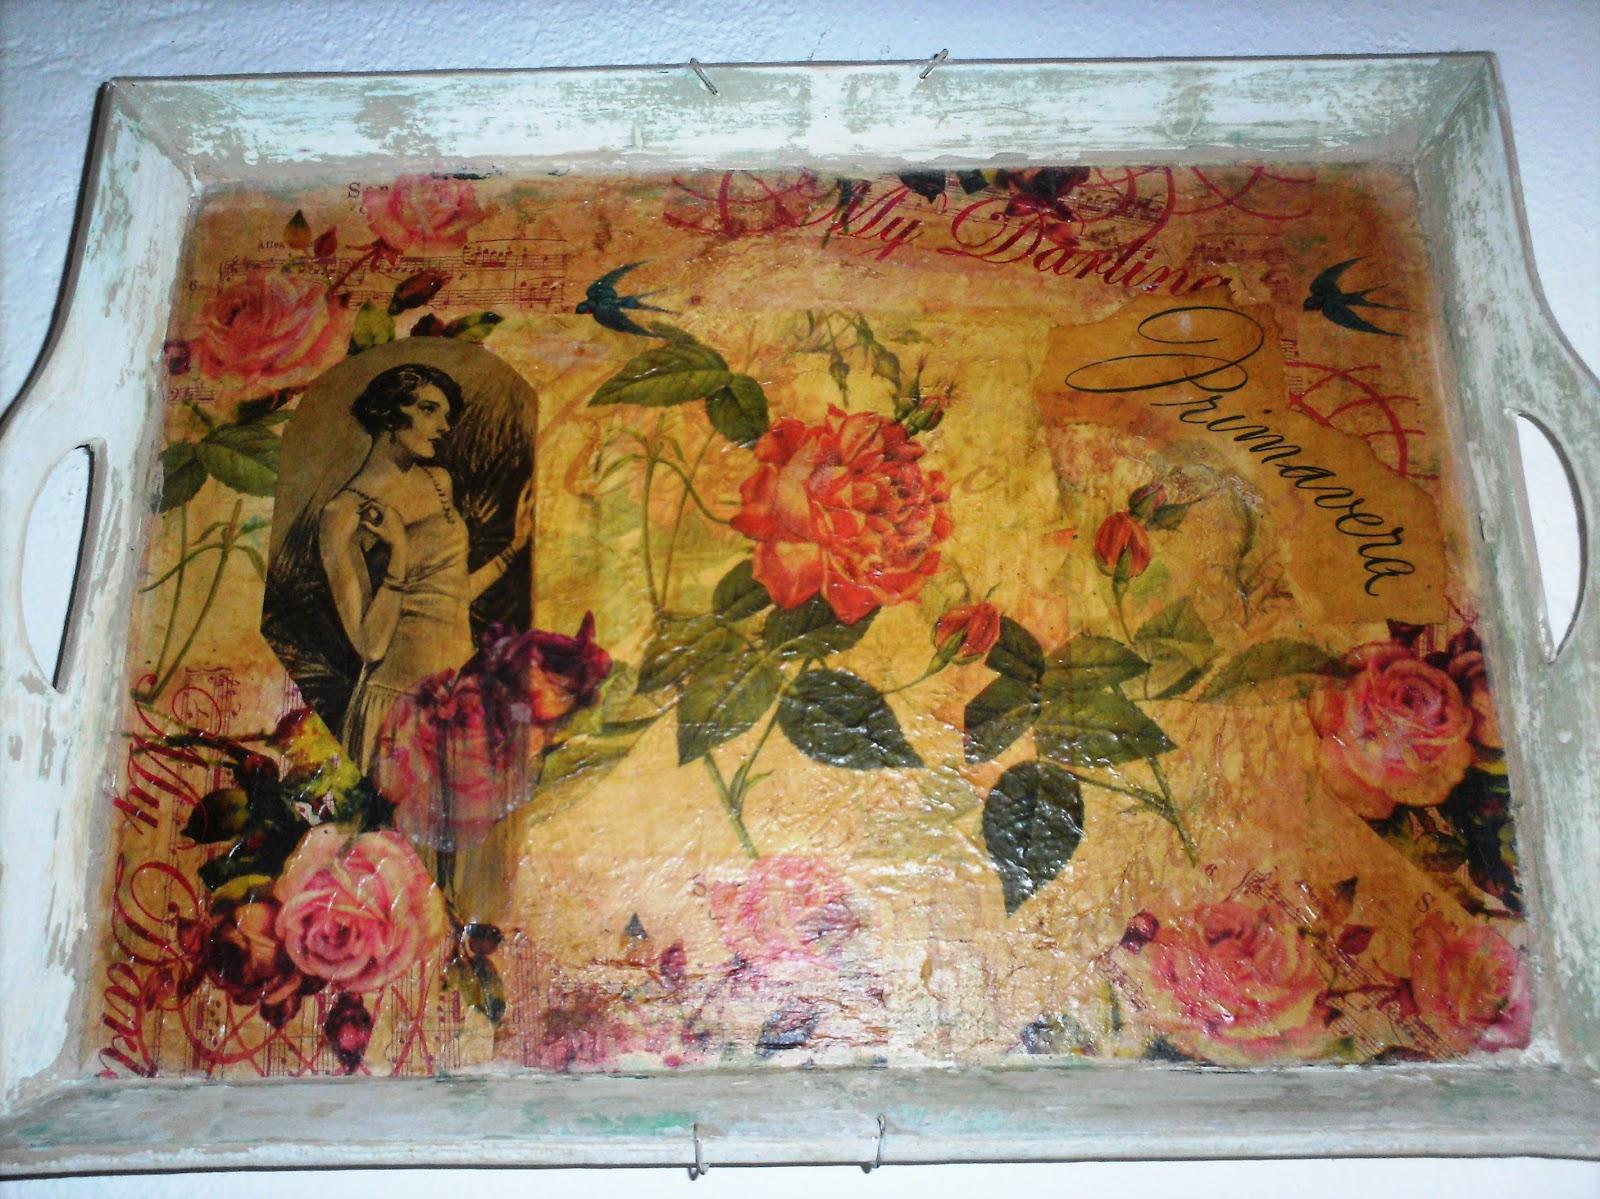 Una bandeja de madera puede ser decorada de diversas maneras, una de